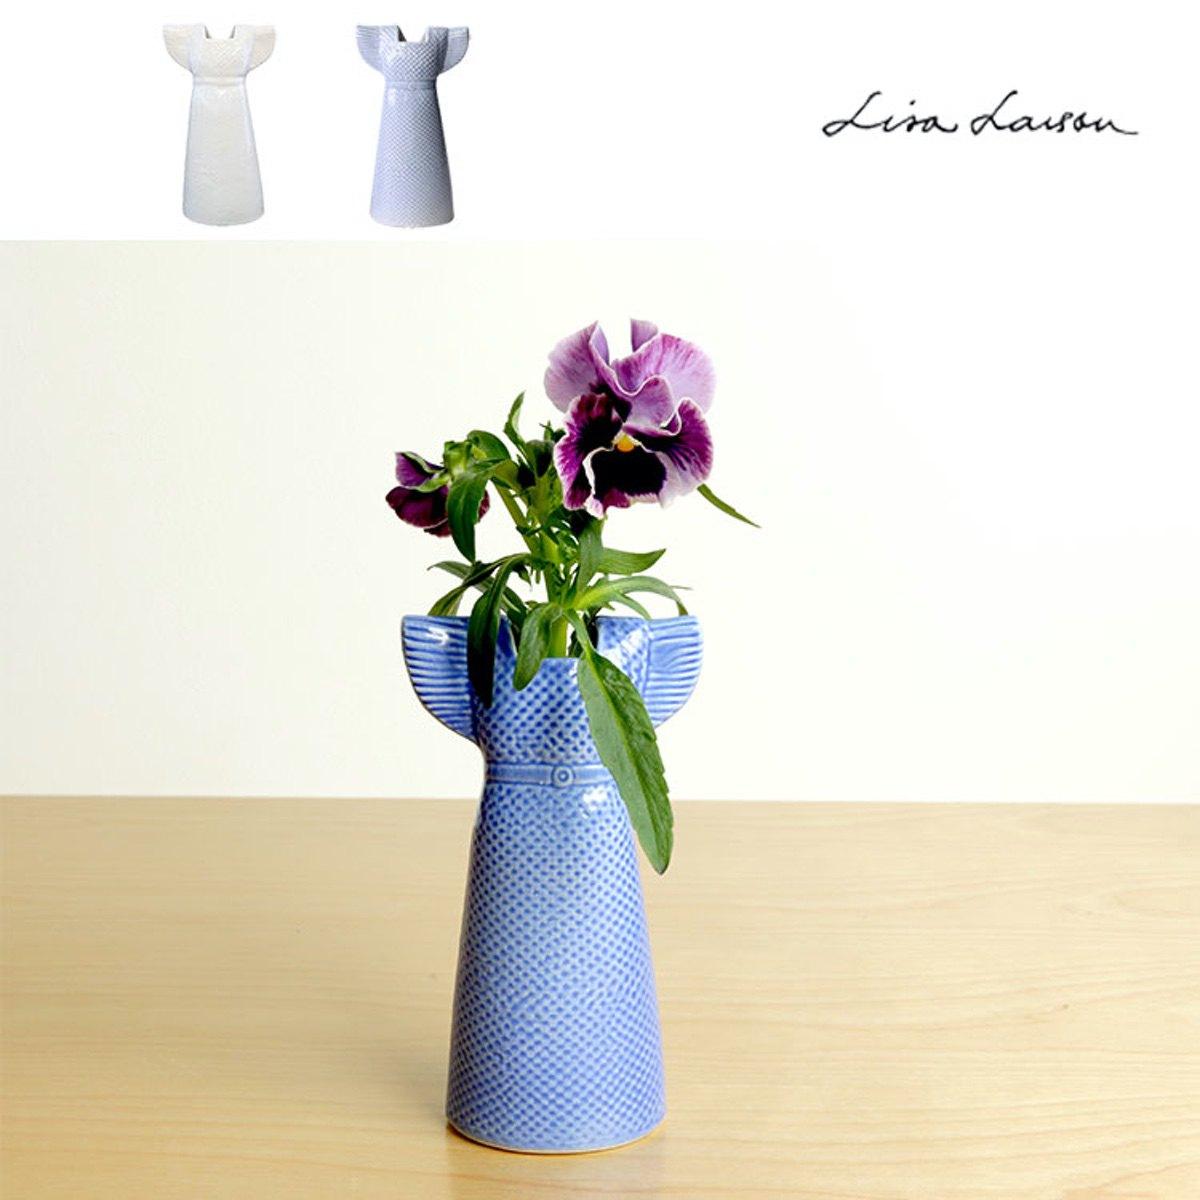 欲しい花瓶6選!楽天・アマゾンで買える安くておしゃれな花瓶たち